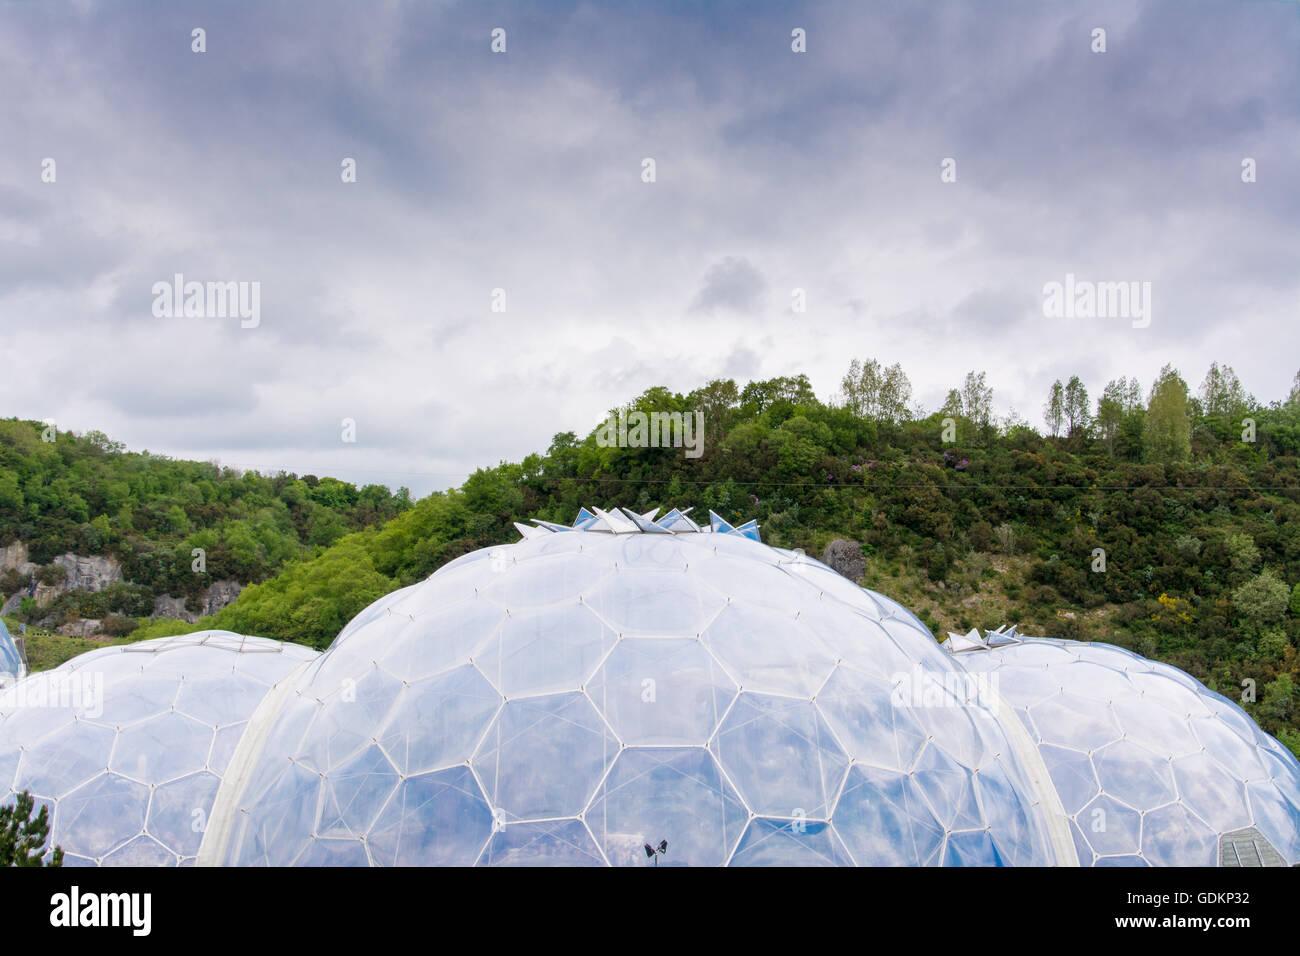 Die Biome im Eden Project in Cornwall, Großbritannien Stockbild